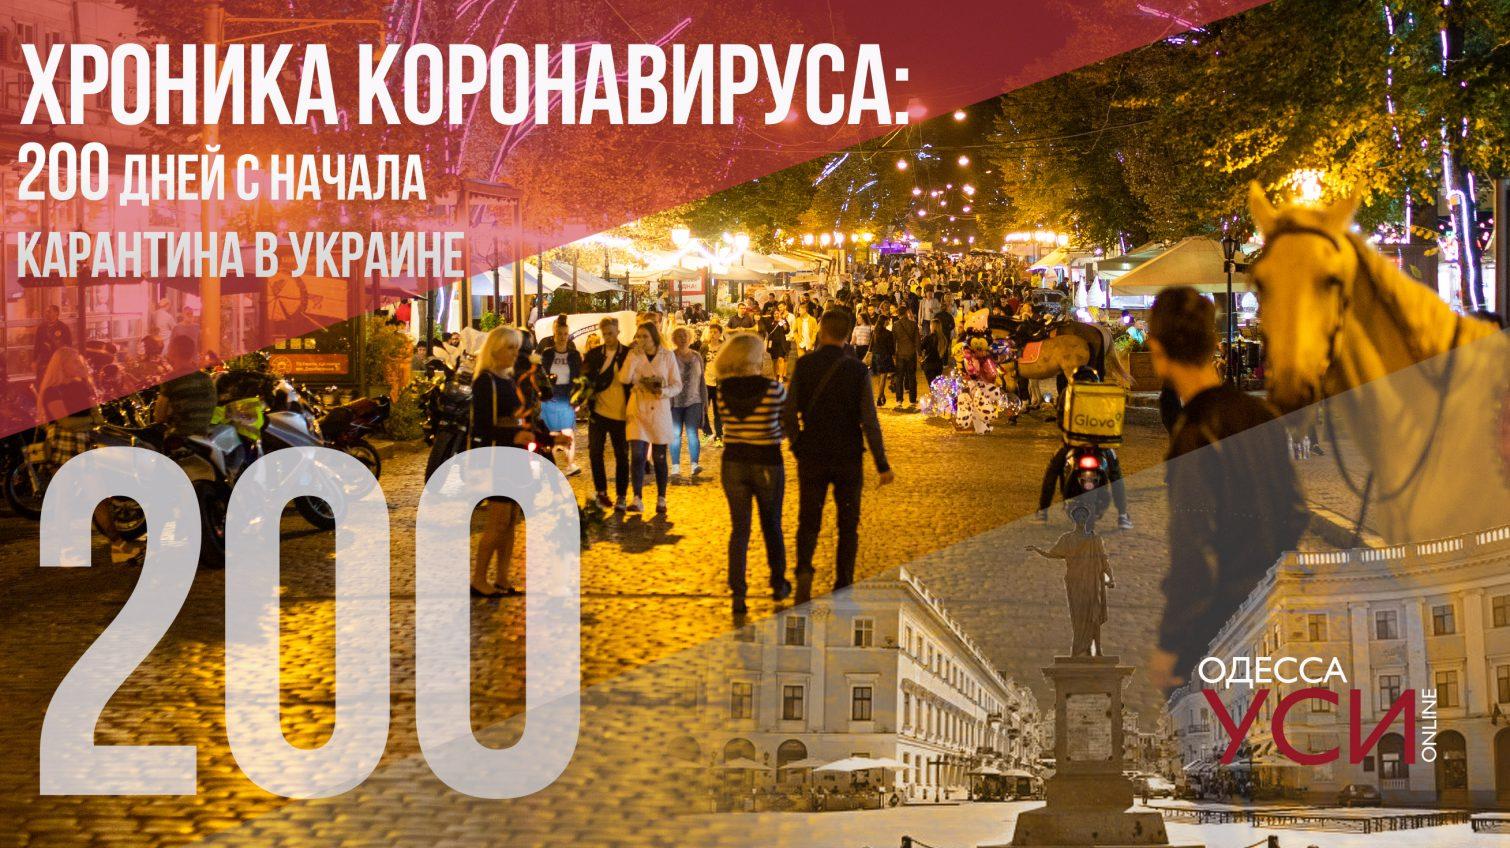 Хроника коронавируса: 200 дней с начала карантина в Украине «фото»